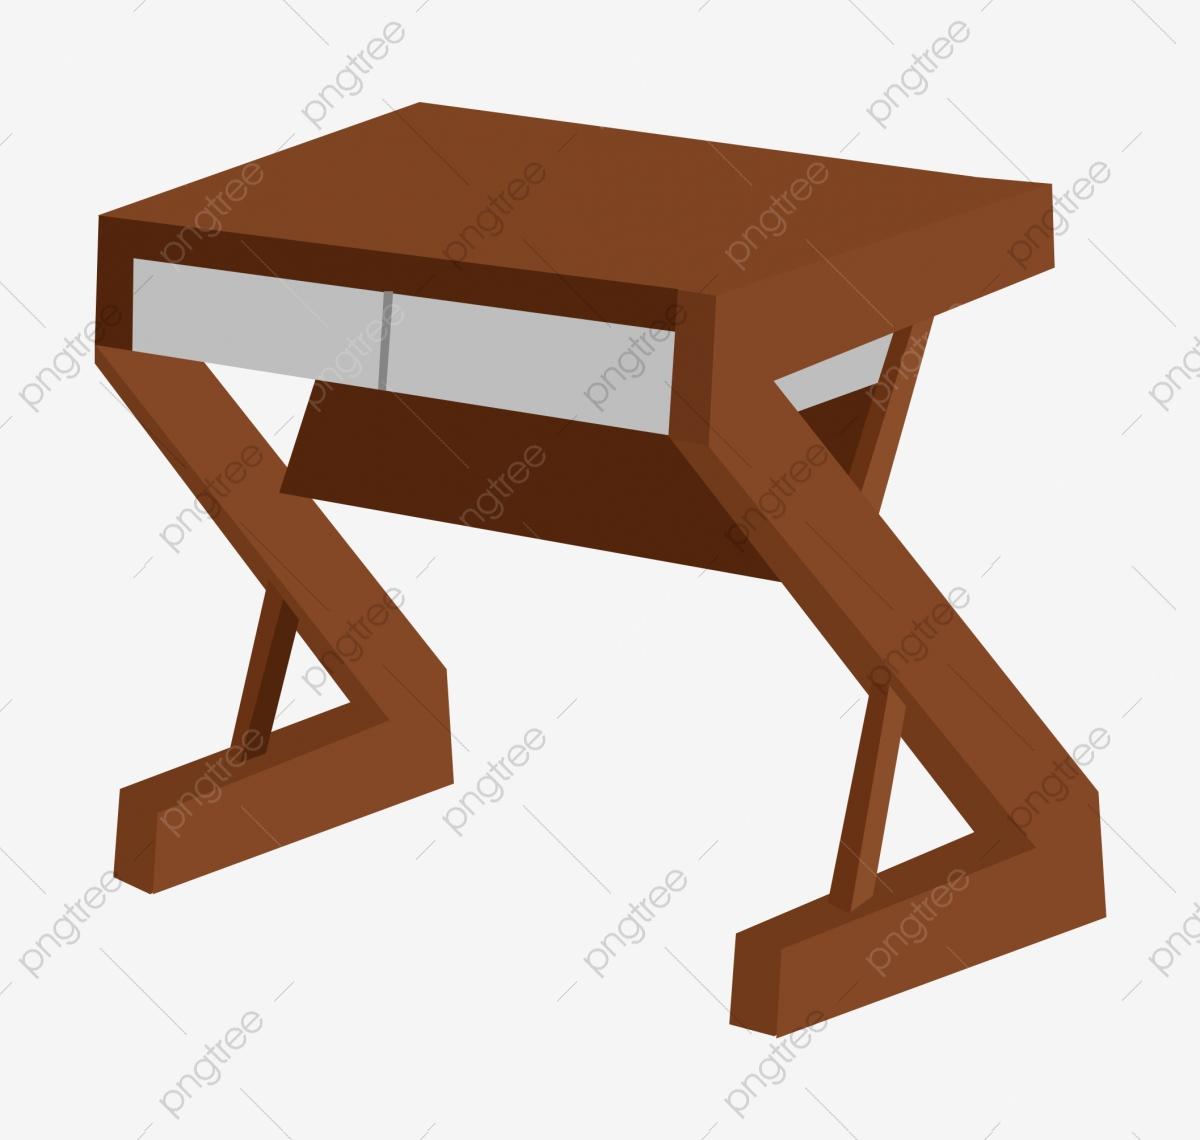 Furniture Wooden Furniture Furniture Illustration Dressing Table.